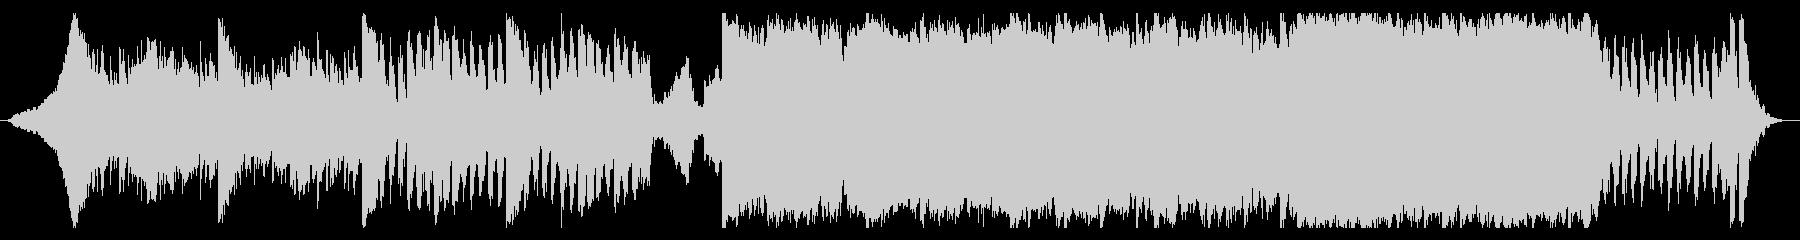 少し怪しさのあるロック-60秒Verの未再生の波形